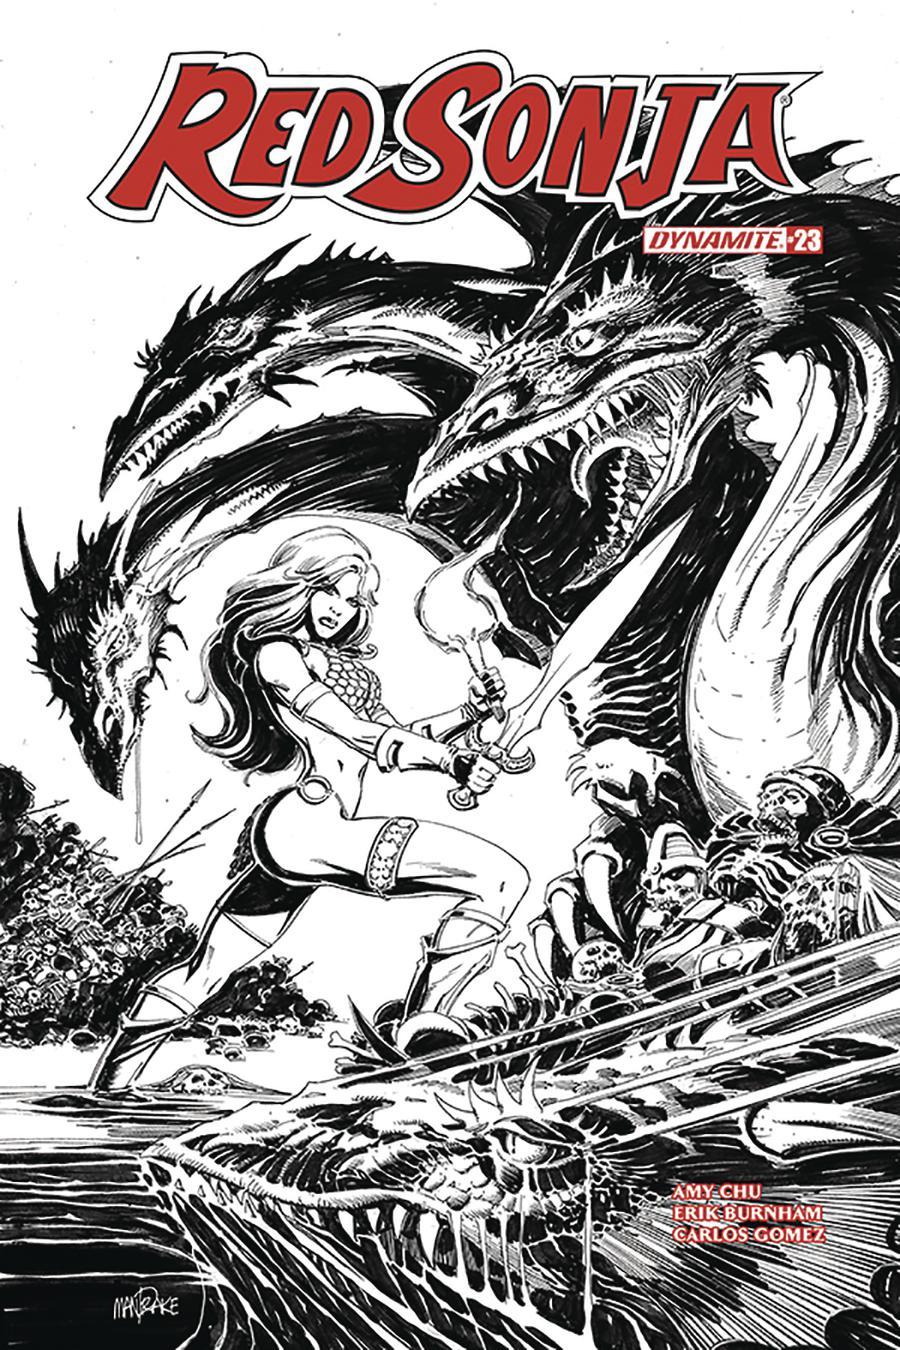 Red Sonja Vol 7 #23 Cover H Incentive Tom Mandrake Black & White Cover